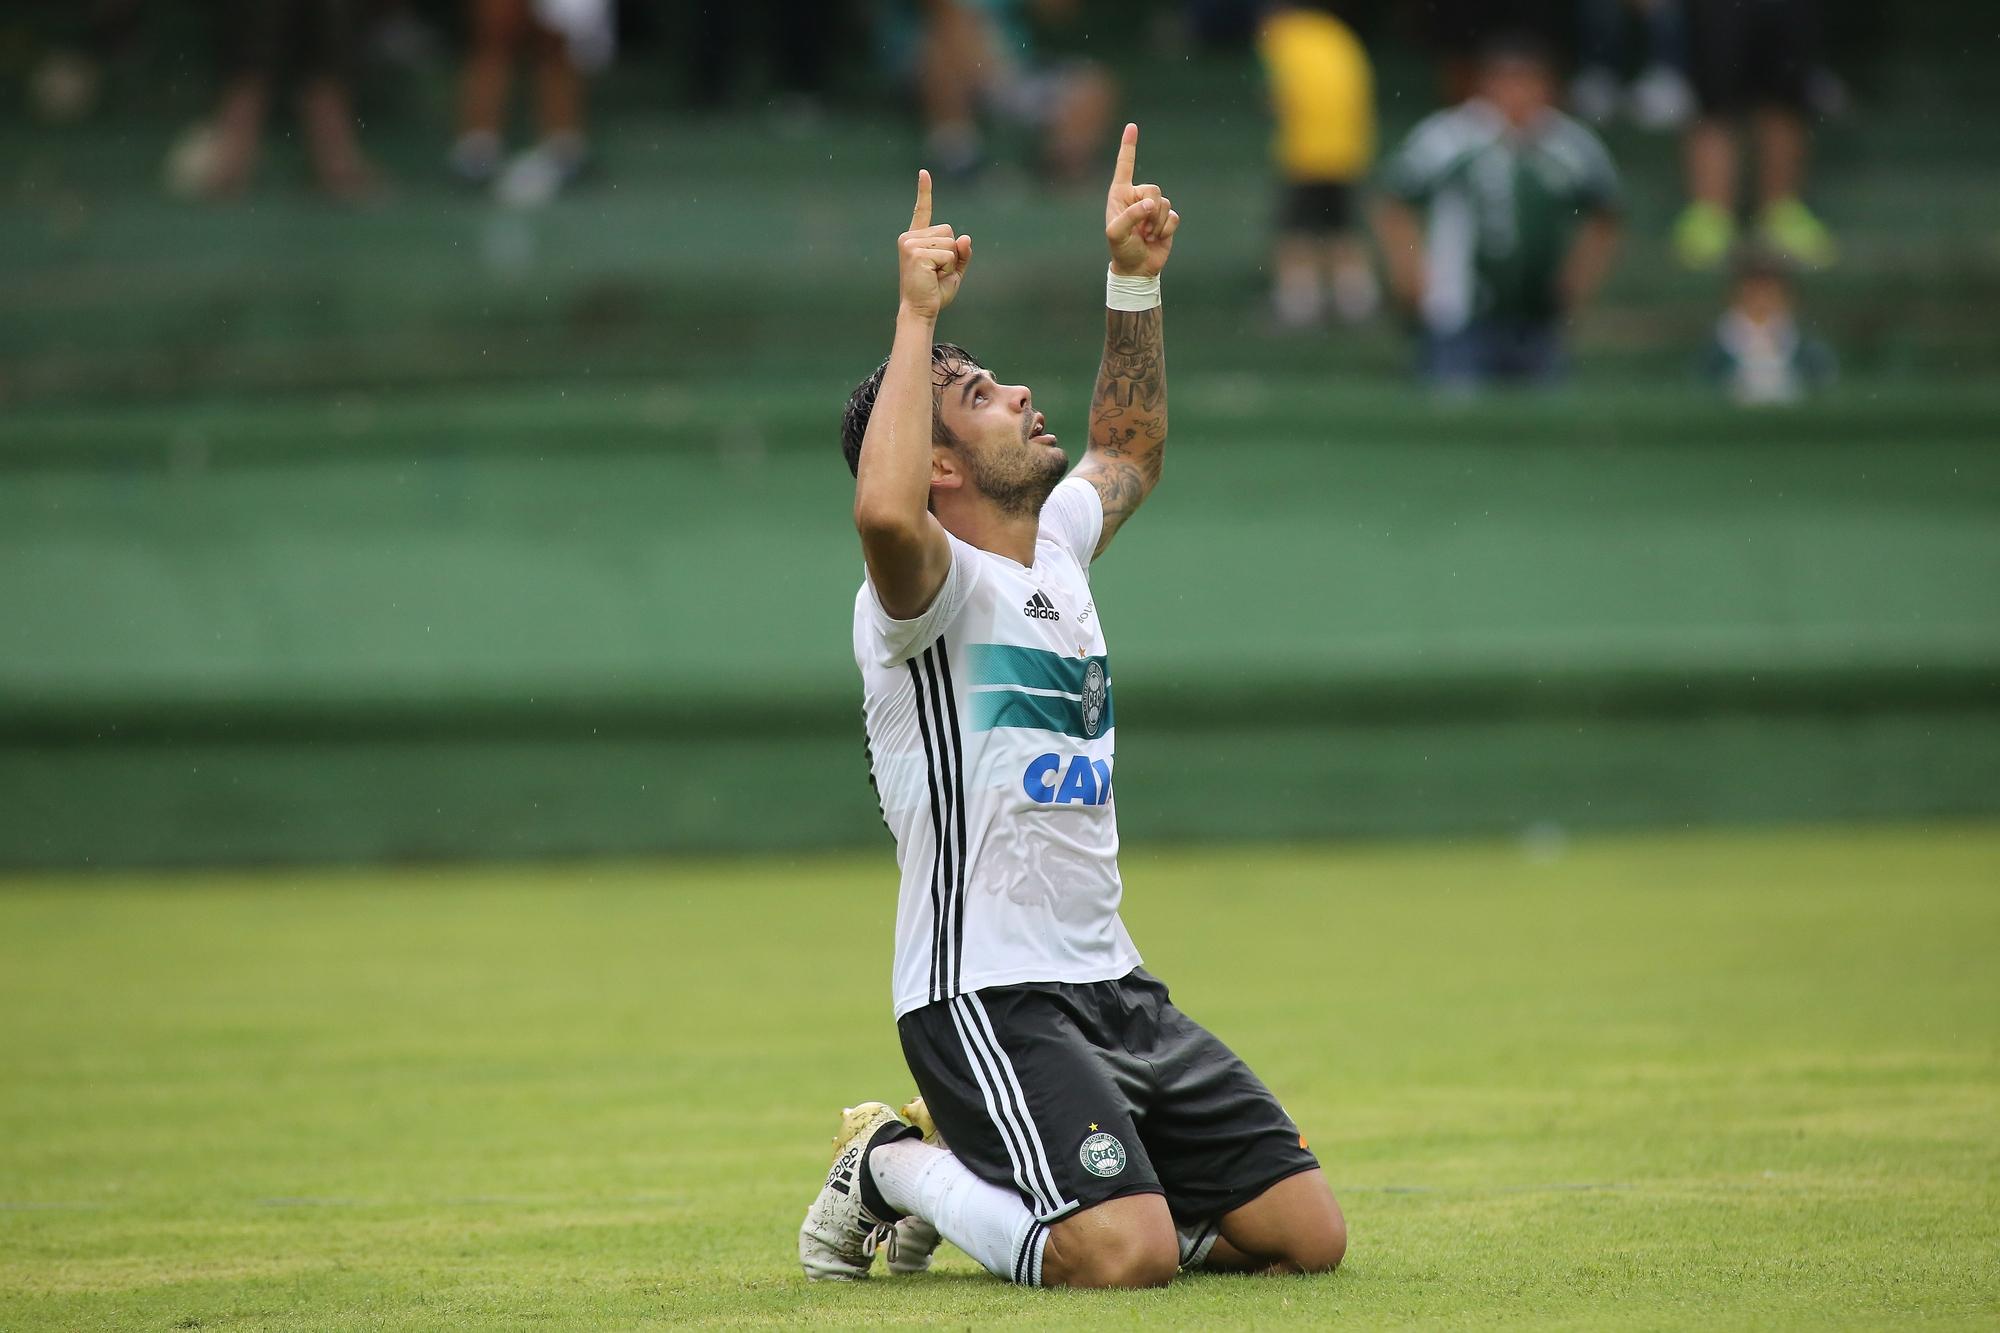 É rede! Henrique Almeida vibra com primeiro gol após retorno ao Coritiba 962a167ada4be